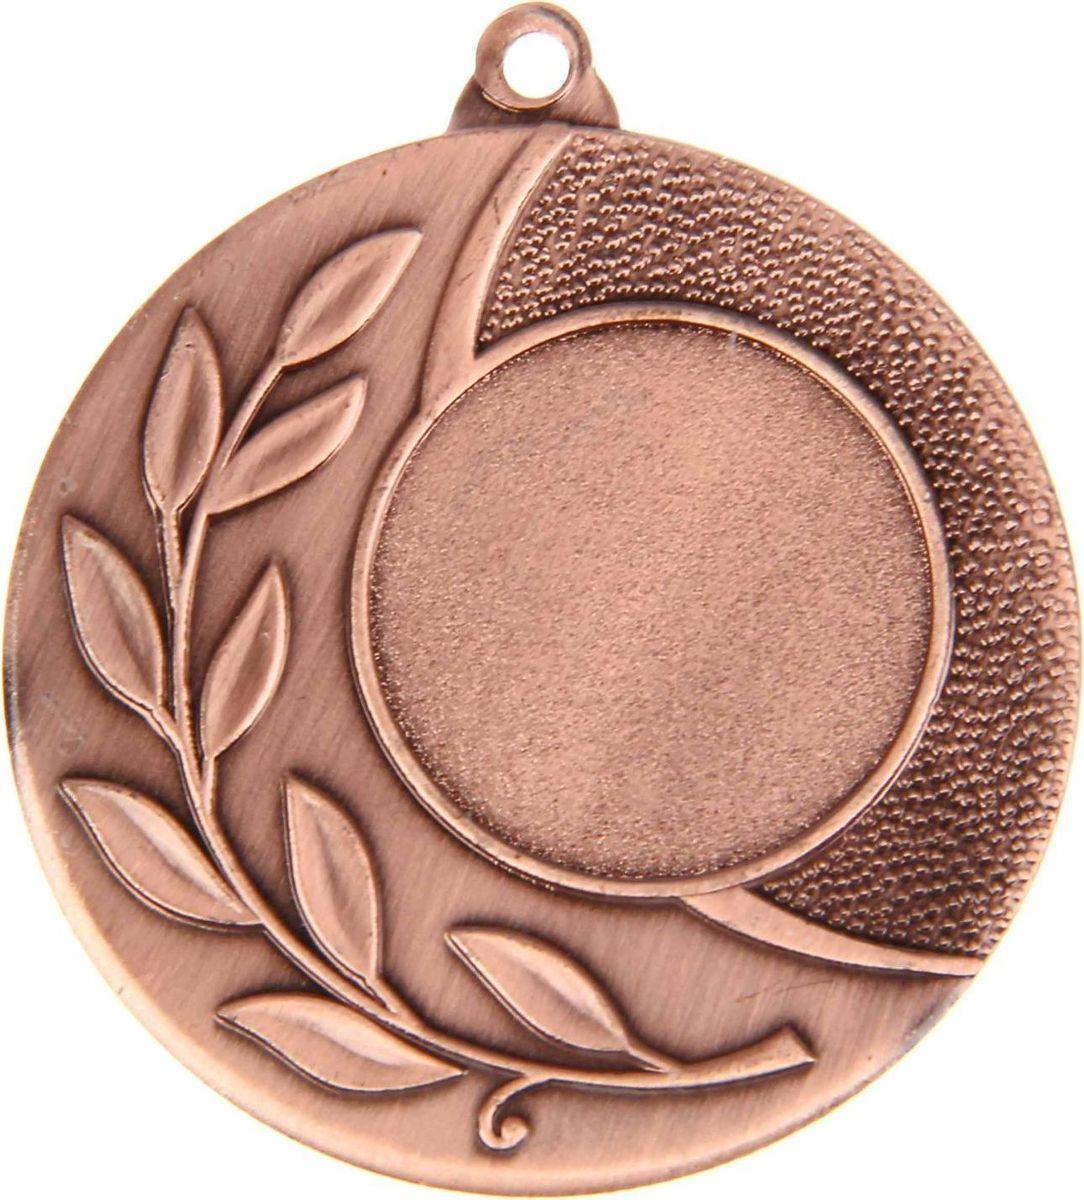 Медаль сувенирная с местом для гравировки, цвет: бронзовый, диаметр 4,5 см. 0281108708Медаль — знак отличия, которым награждают самых достойных. Она вручается лишь тем, кто проявил настойчивость и волю к победе. Каждое достижение — это важное событие, которое должно остаться в памяти на долгие годы. Любое спортивное состязание, профессиональное или среди любителей, любое корпоративное мероприятие — отличный повод для того, чтобы отметить лучших из лучших. Характеристики:Диаметр медали: 4,5 см Диаметр вкладыша (лицо): 2,5 см Диаметр вкладыша (оборот): 4 см. Пусть любая победа будет отмечена соответствующей наградой!